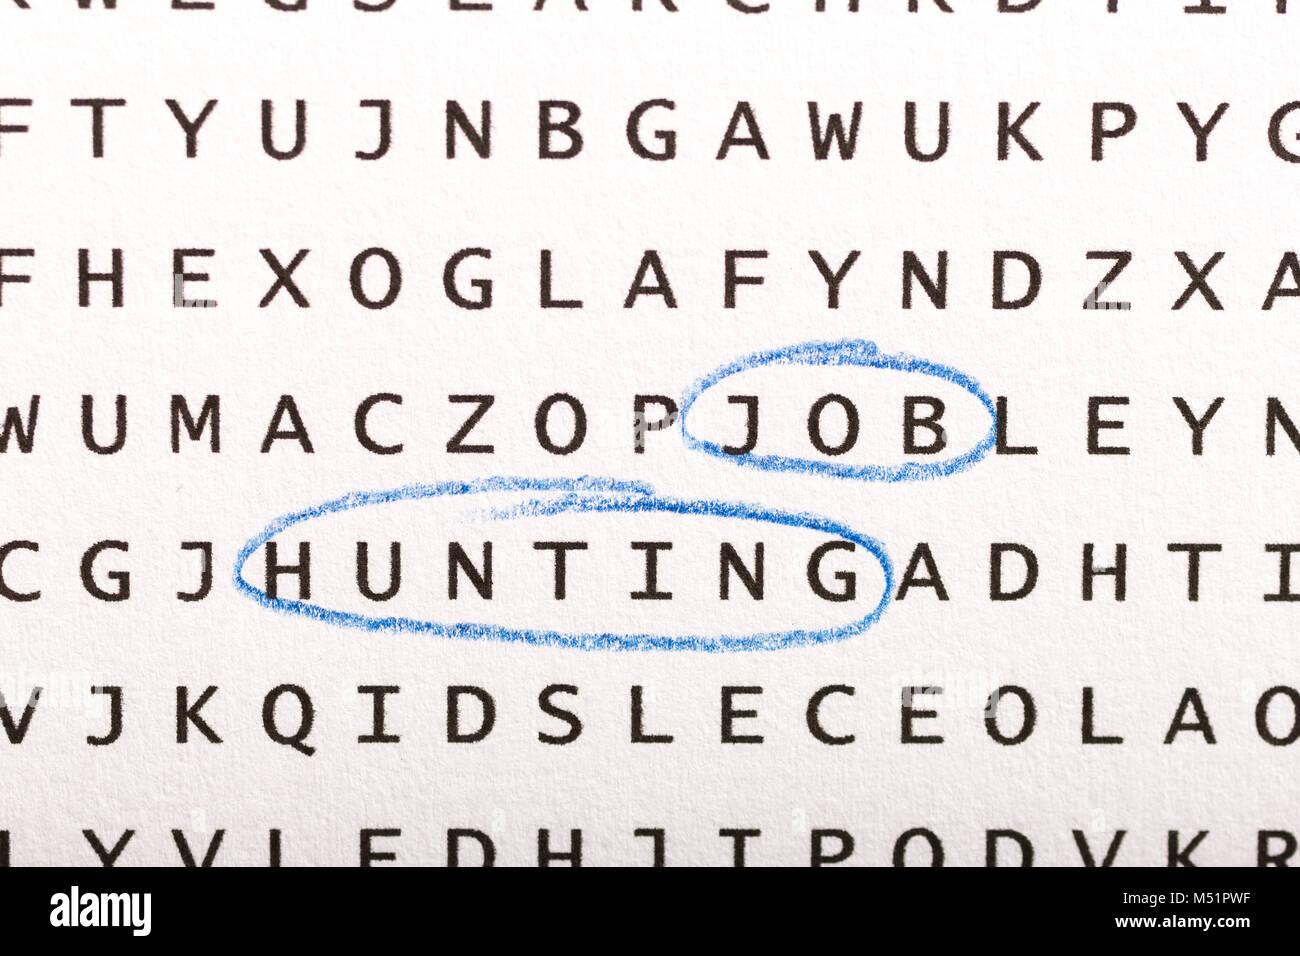 Job Hunting Imágenes De Stock & Job Hunting Fotos De Stock - Alamy